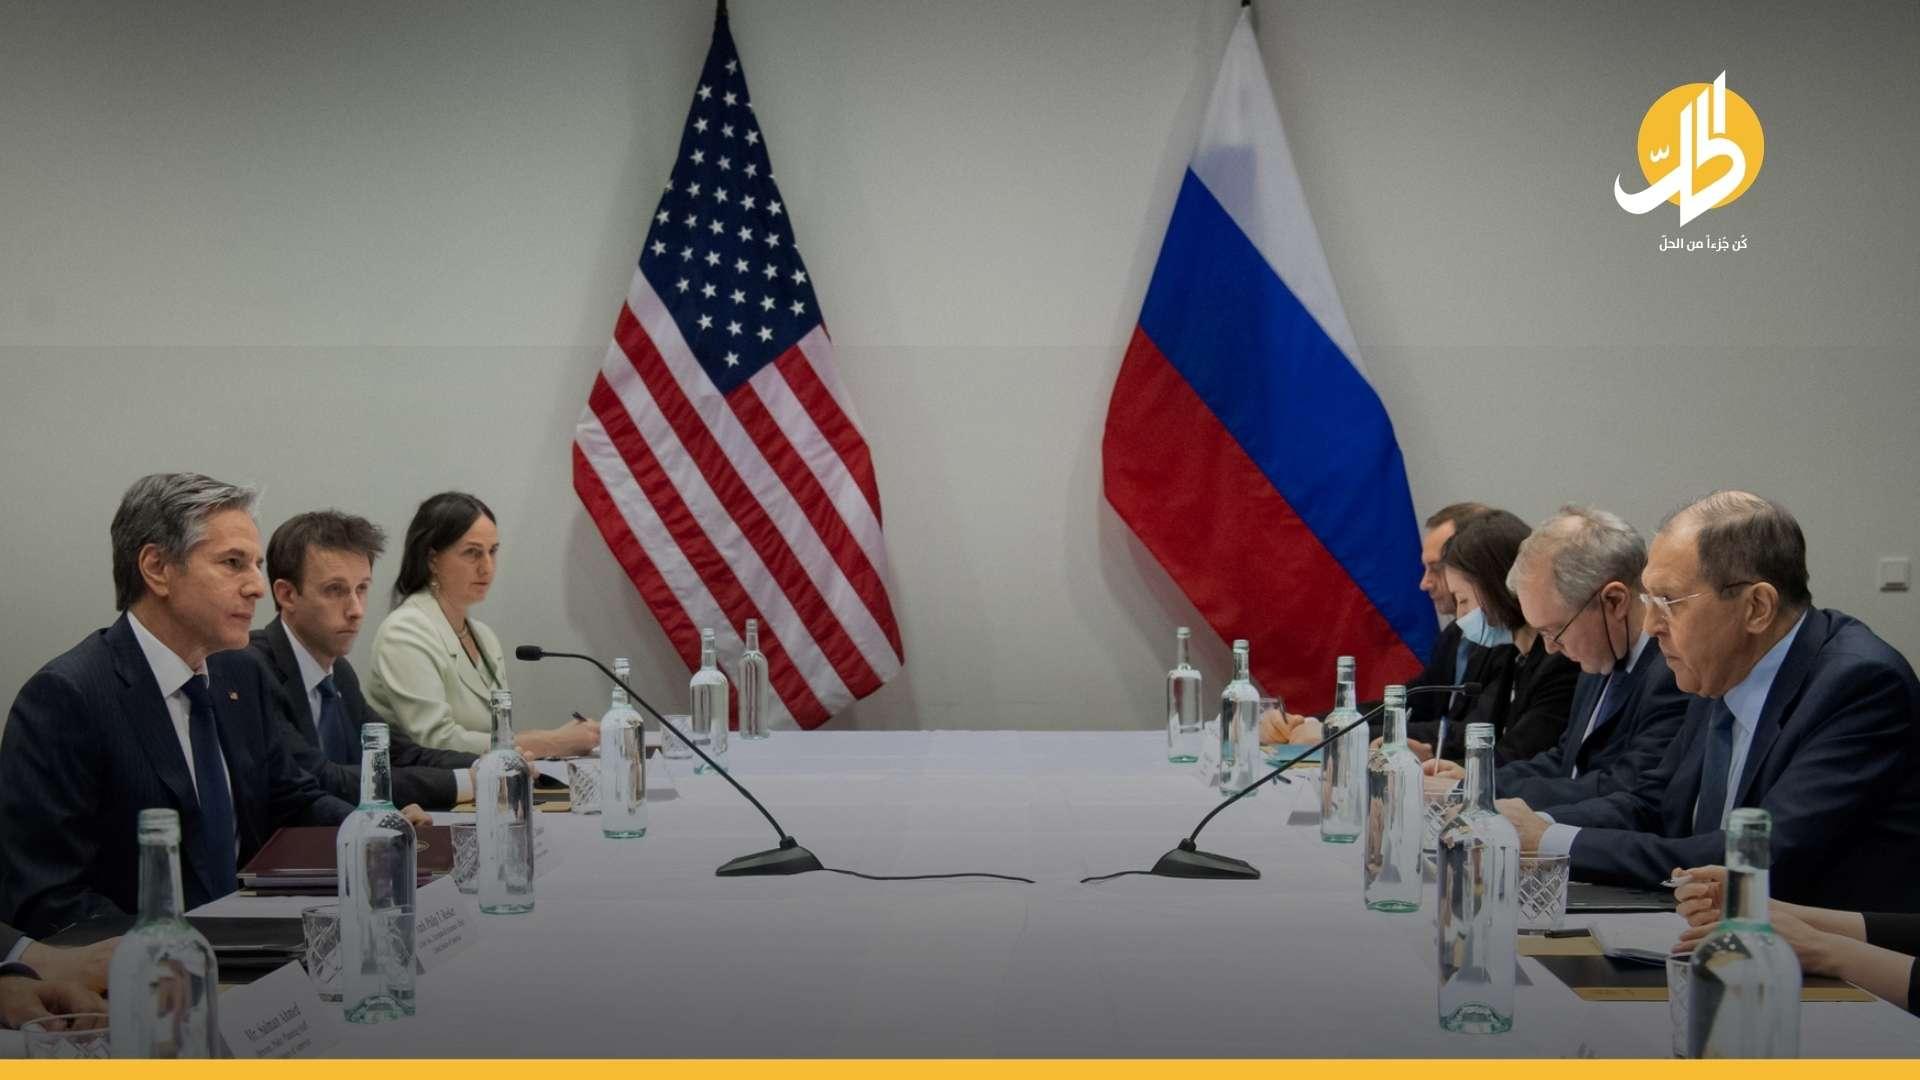 أميركا تطالب روسيا بضرورة تأمين دخول المساعدات الإنسانية لسوريا